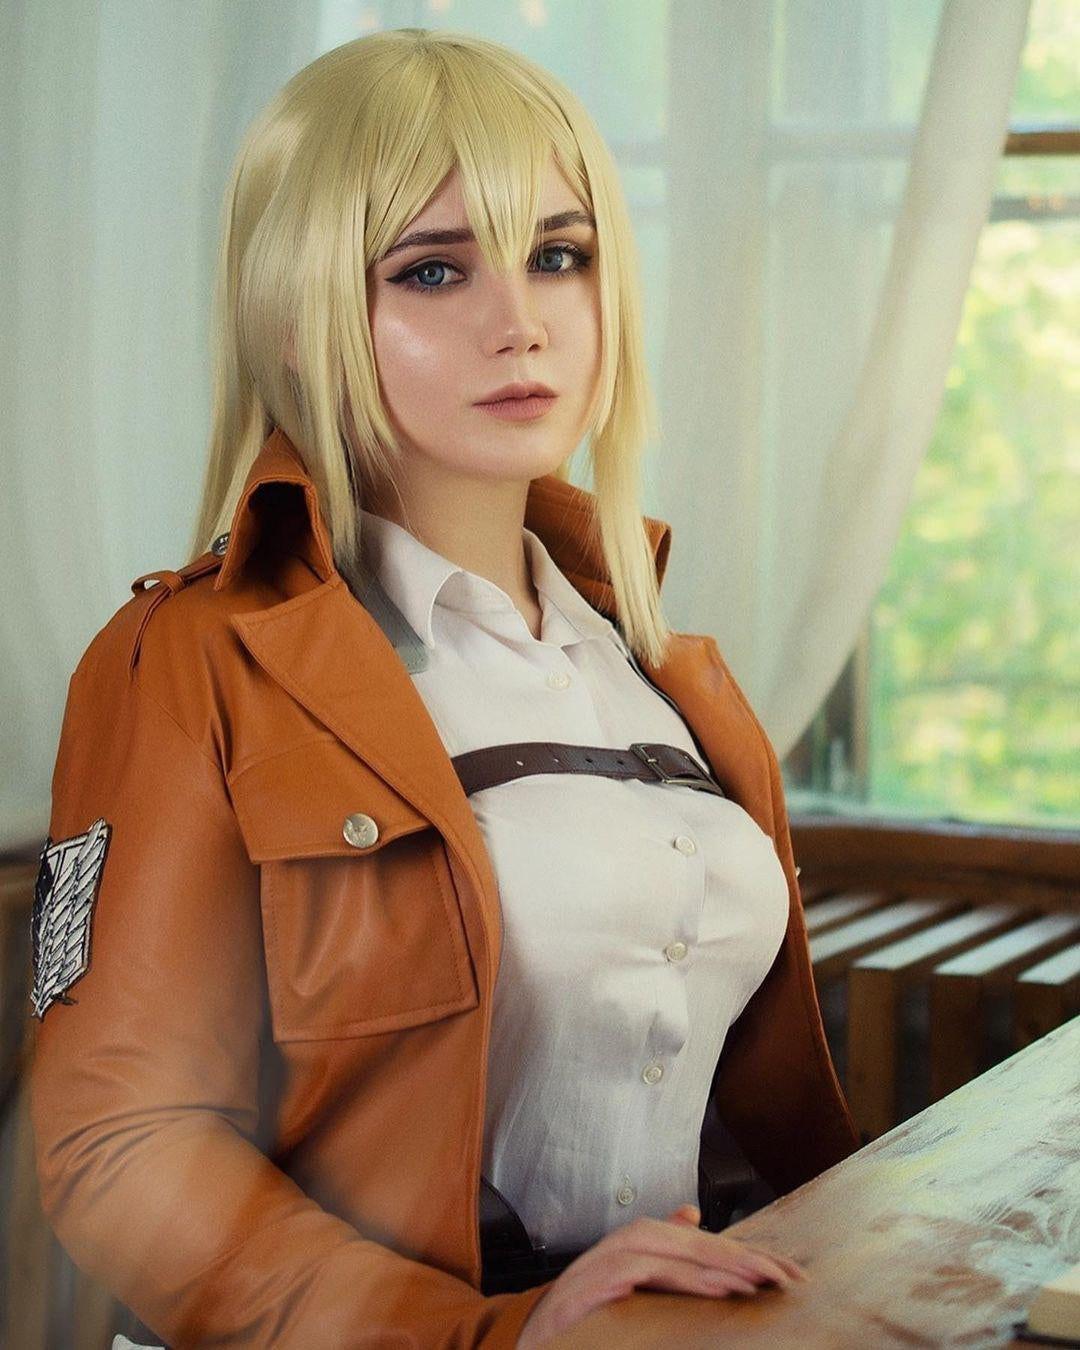 美女cosplay 看看美女扮演了哪个角色 第二期